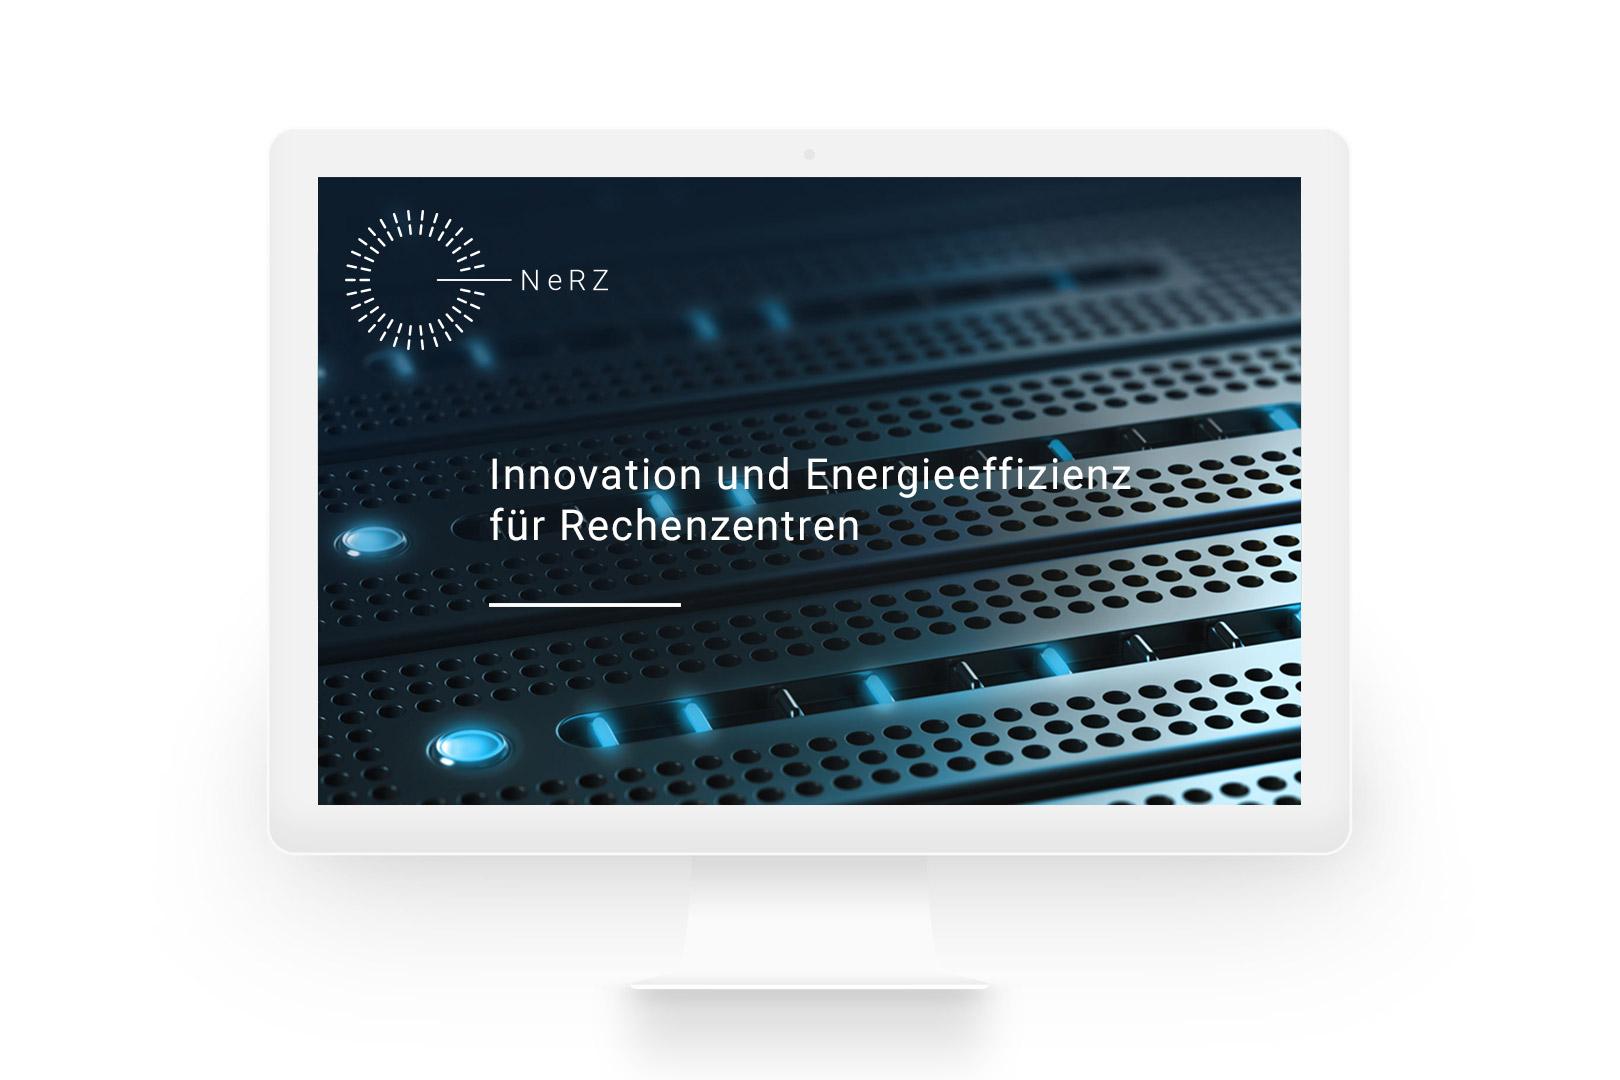 Netzwerk energieeffiziente Rechenzentren